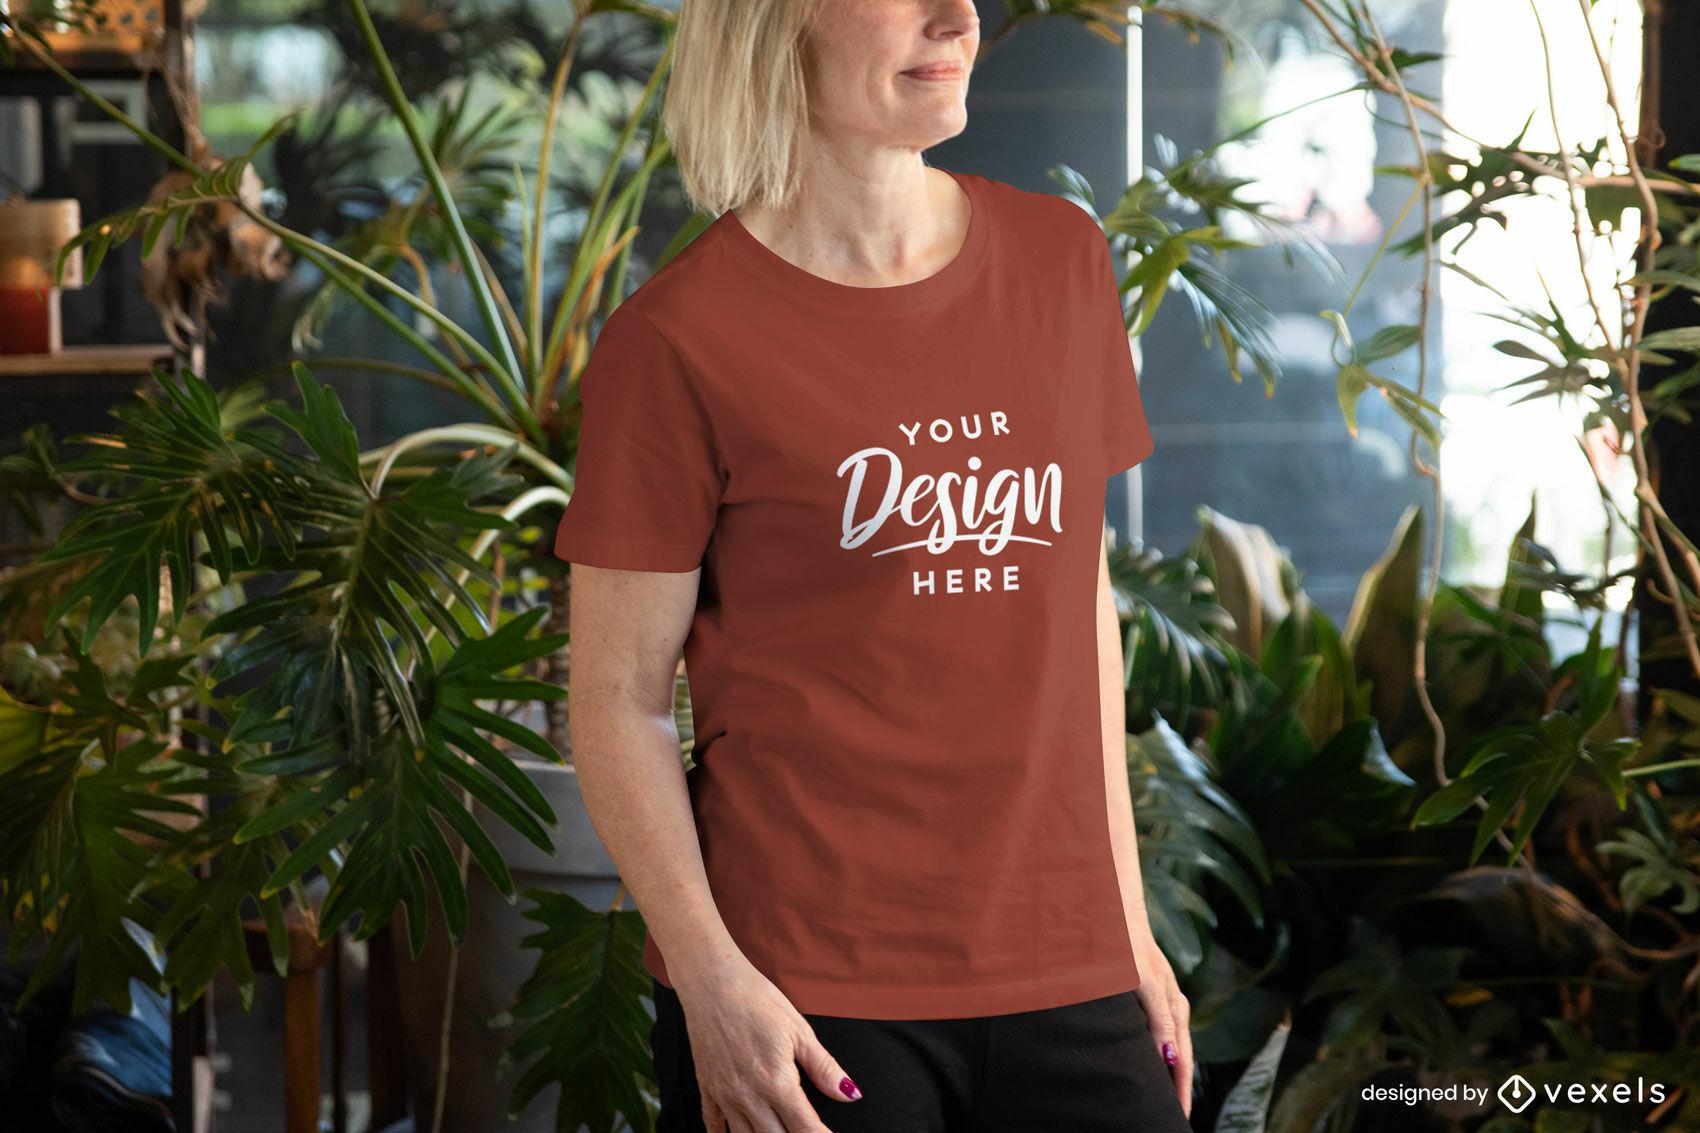 Mujer en maqueta de camiseta roja en habitaci?n con plantas